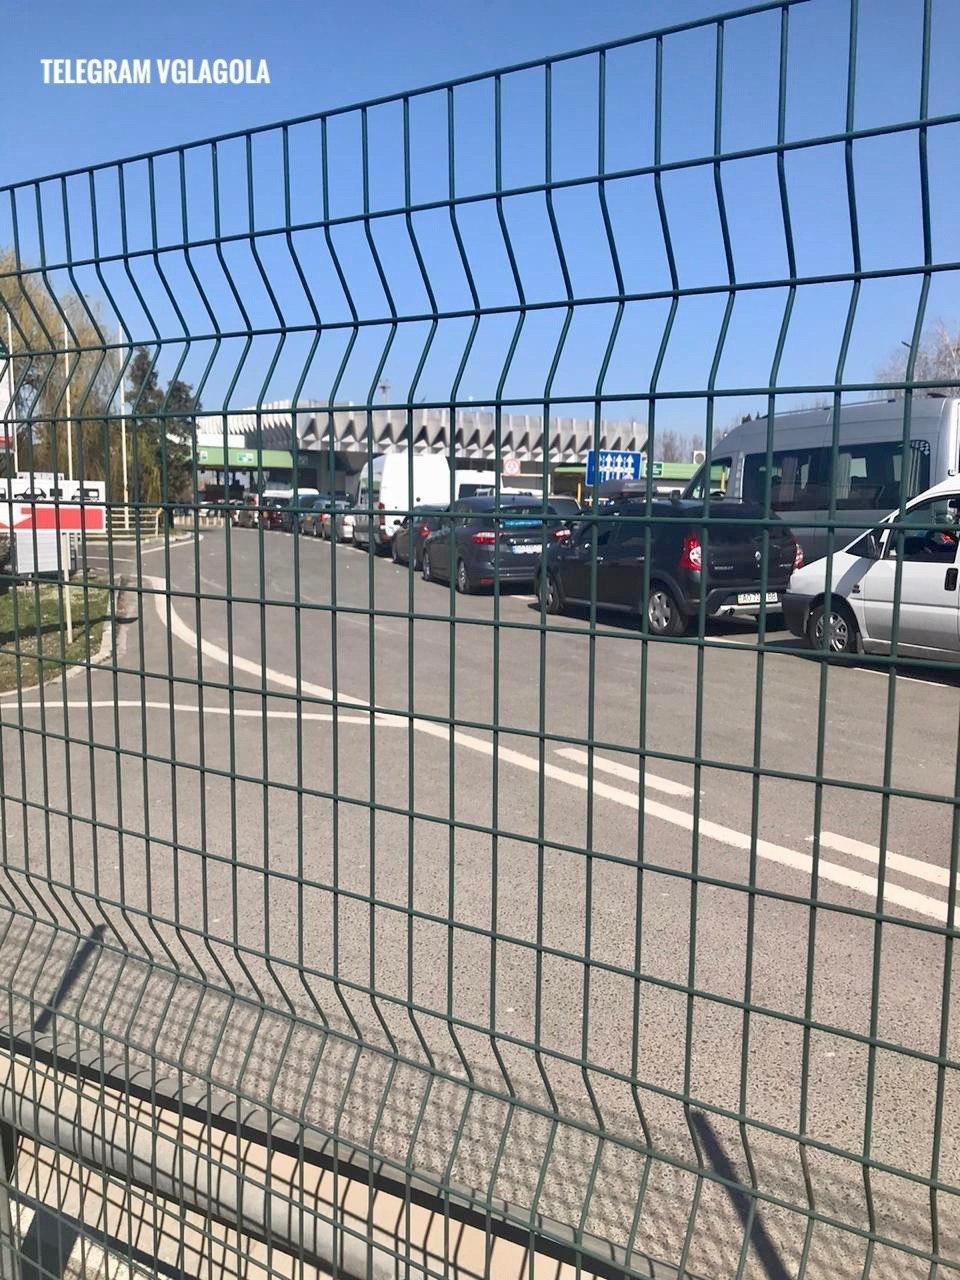 Сьогодні опівночі закривають кордони: до України намагаються повернутися тисячі громадян (ВІДЕО), фото-1